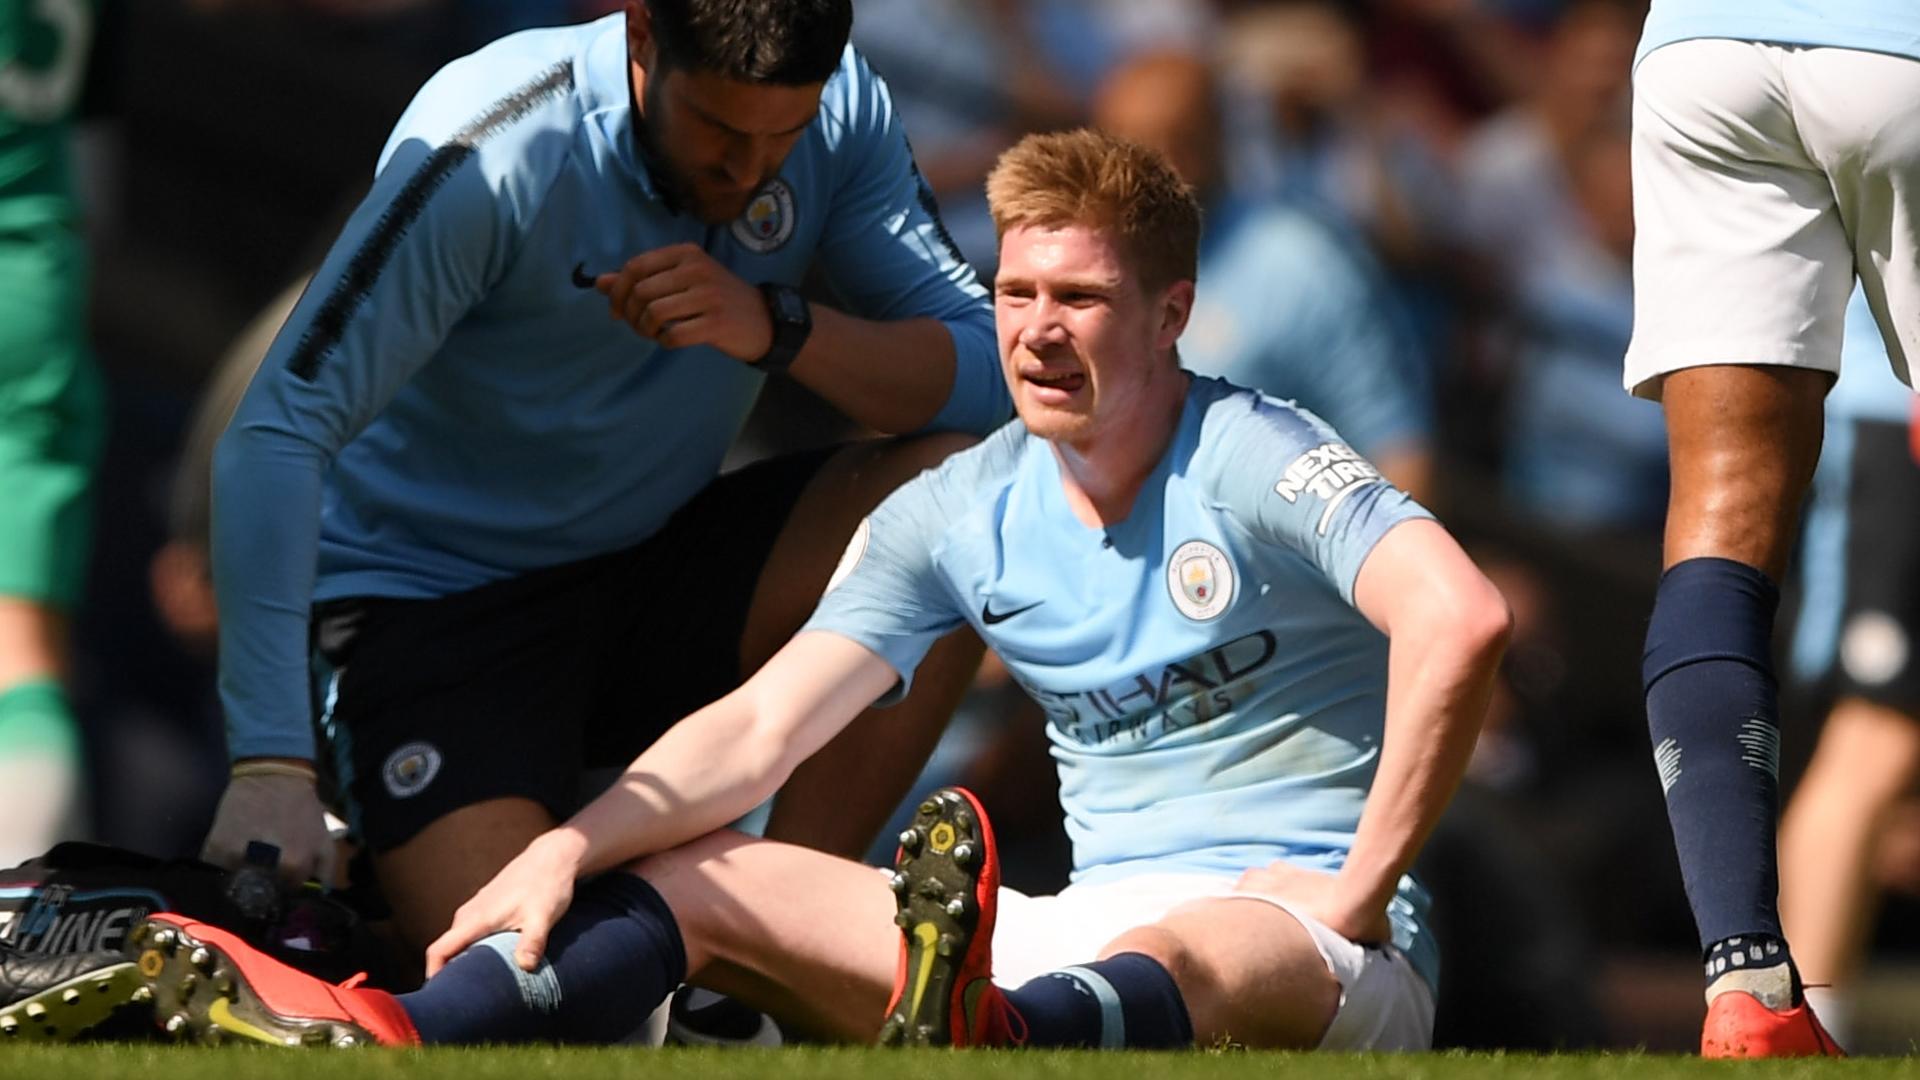 Manchester City - À bout de souffle, Kevin De Bruyne avait besoin de repos